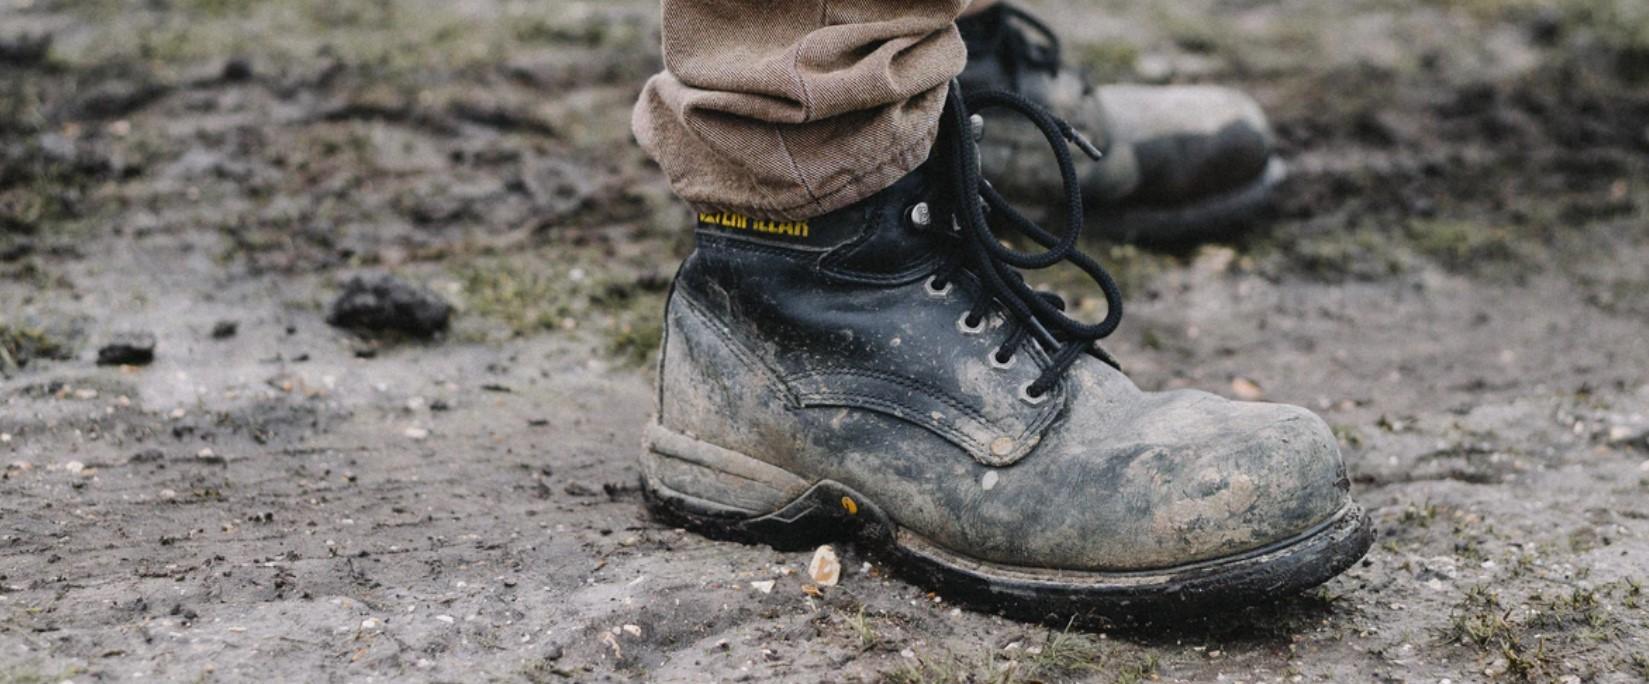 Jak wybrać buty ochronne?